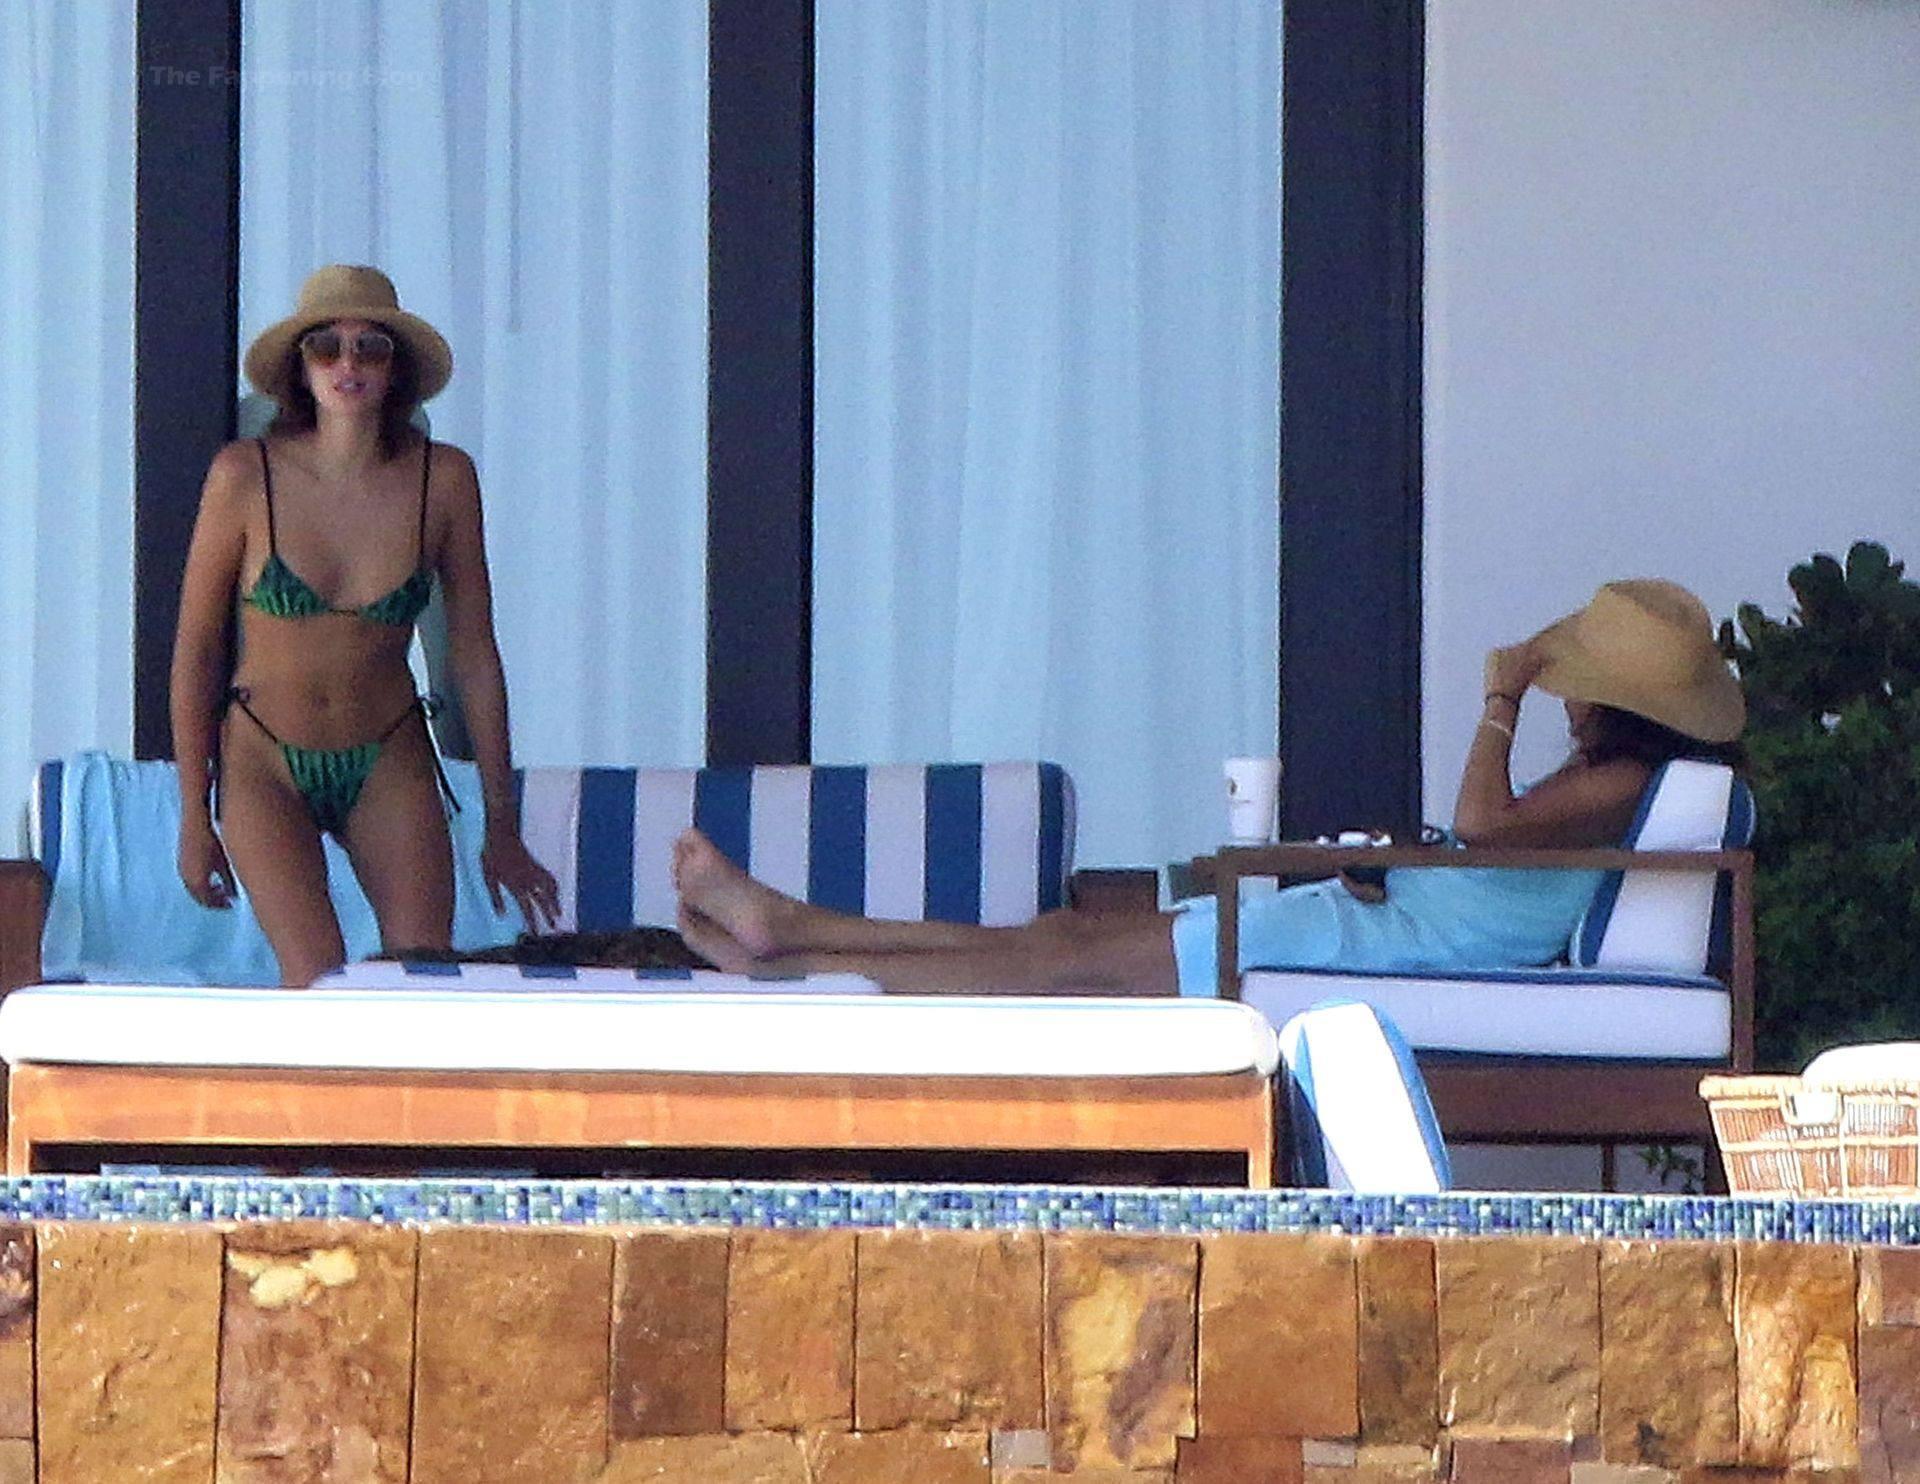 Kaia Gerber In Tiny Bikini